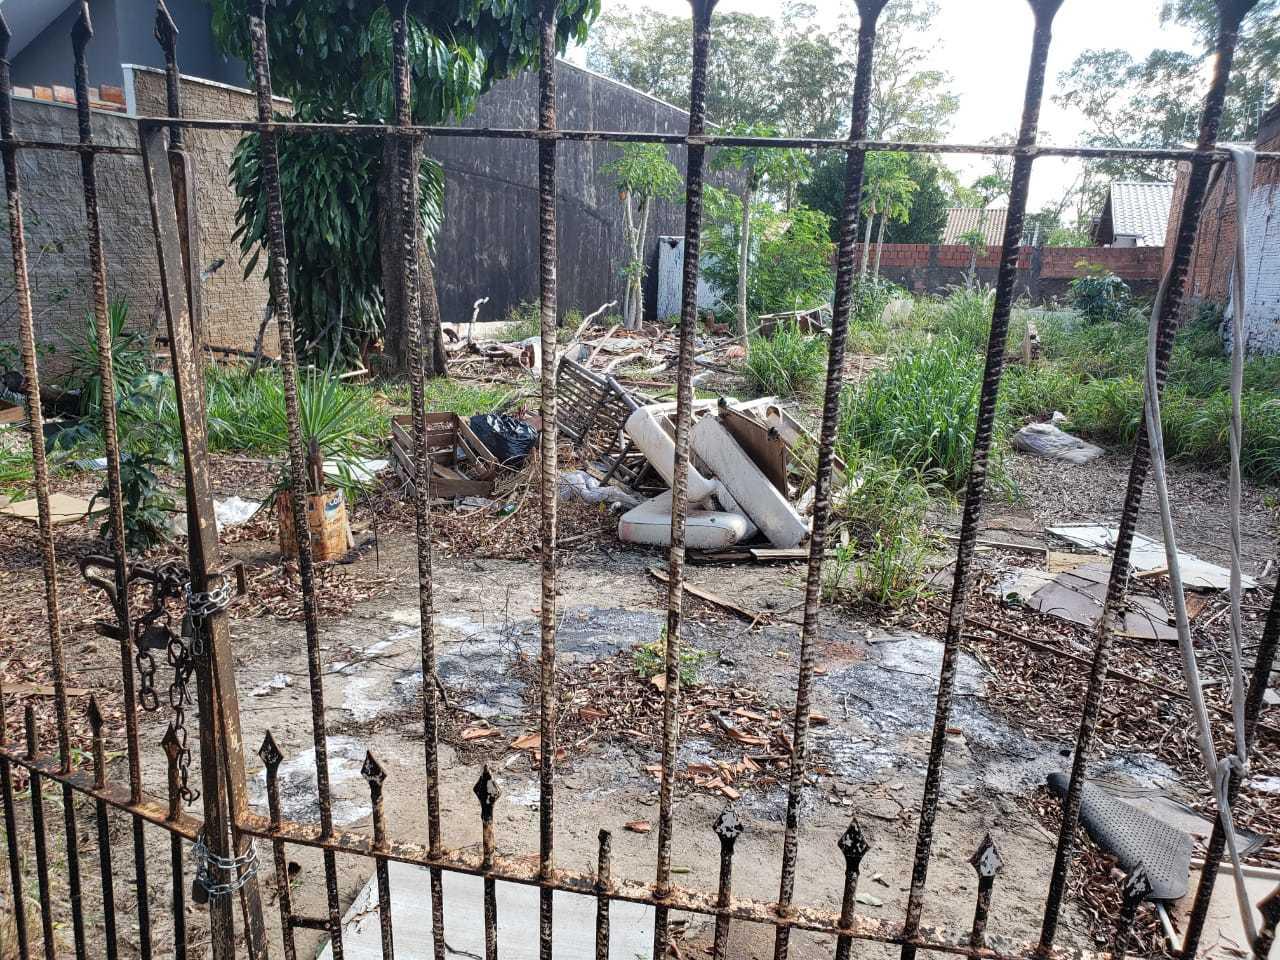 O terreno é particular e os vizinhos não consegue contato com o propietário. (Foto:Direto das Ruas)